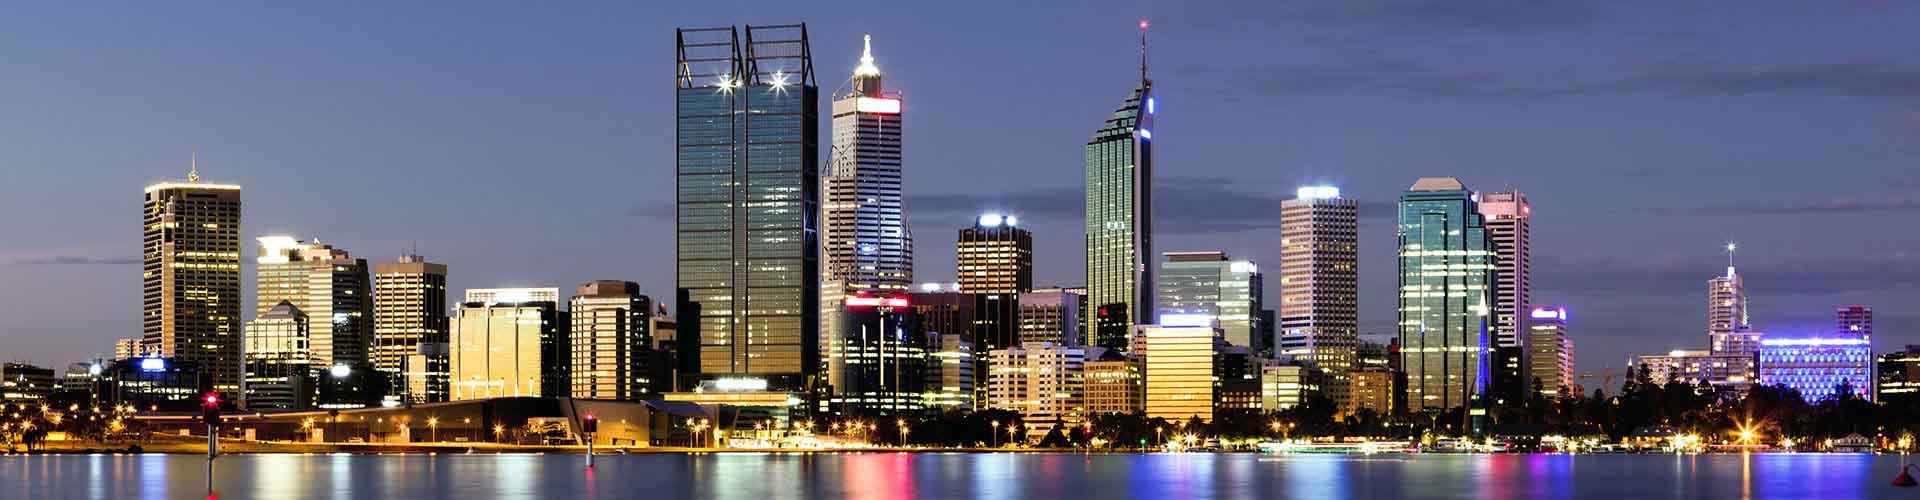 Perth – Retkeily kaupungiosassa Itä-Perth. Perth -karttoja, valokuvia ja arvosteluja kaikista Perth -retkeilyalueista.